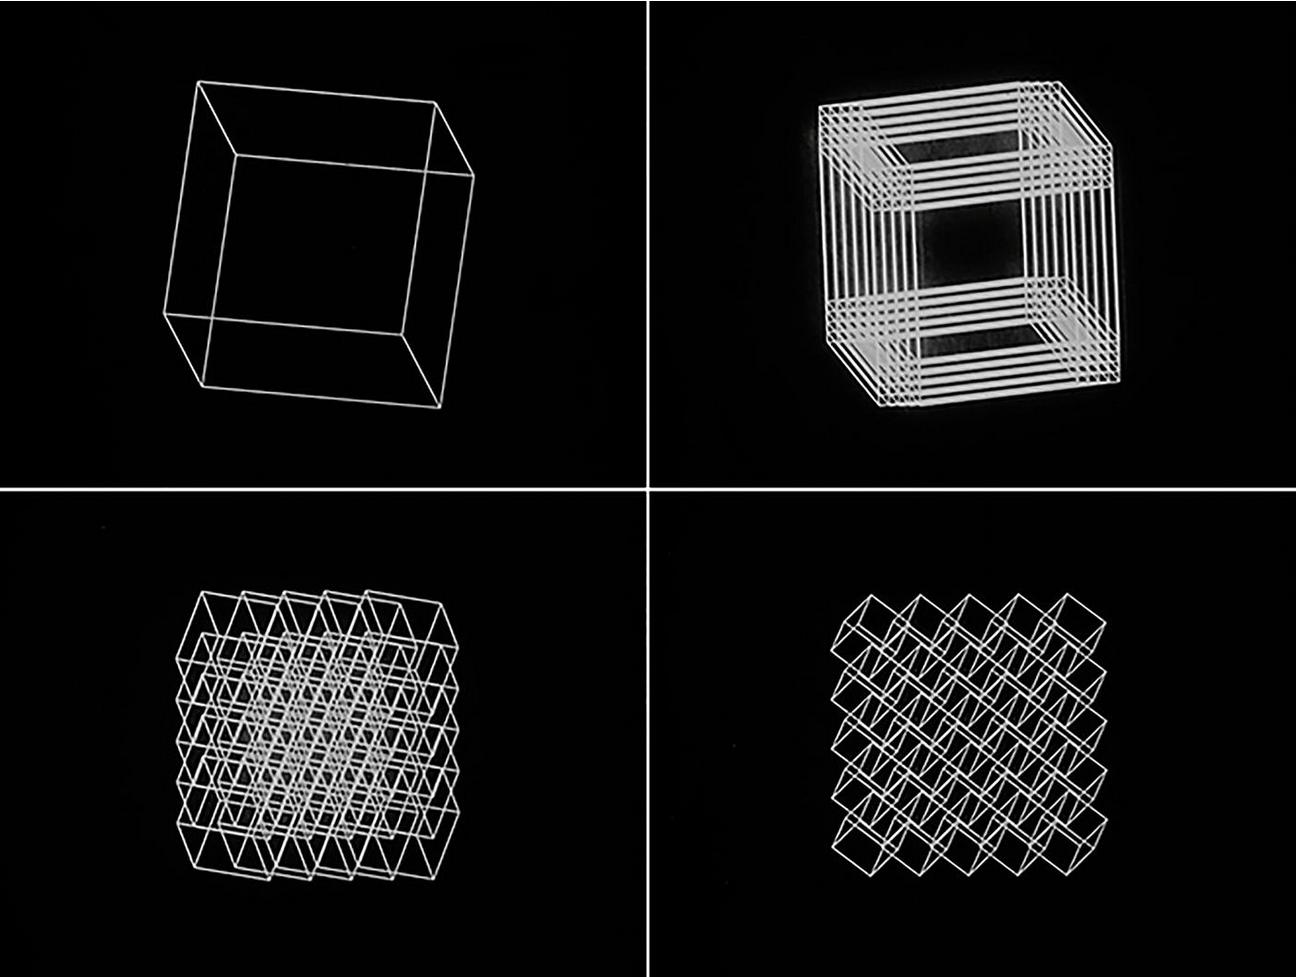 Manfred MOHR, Cubic Limit, 1973-1974